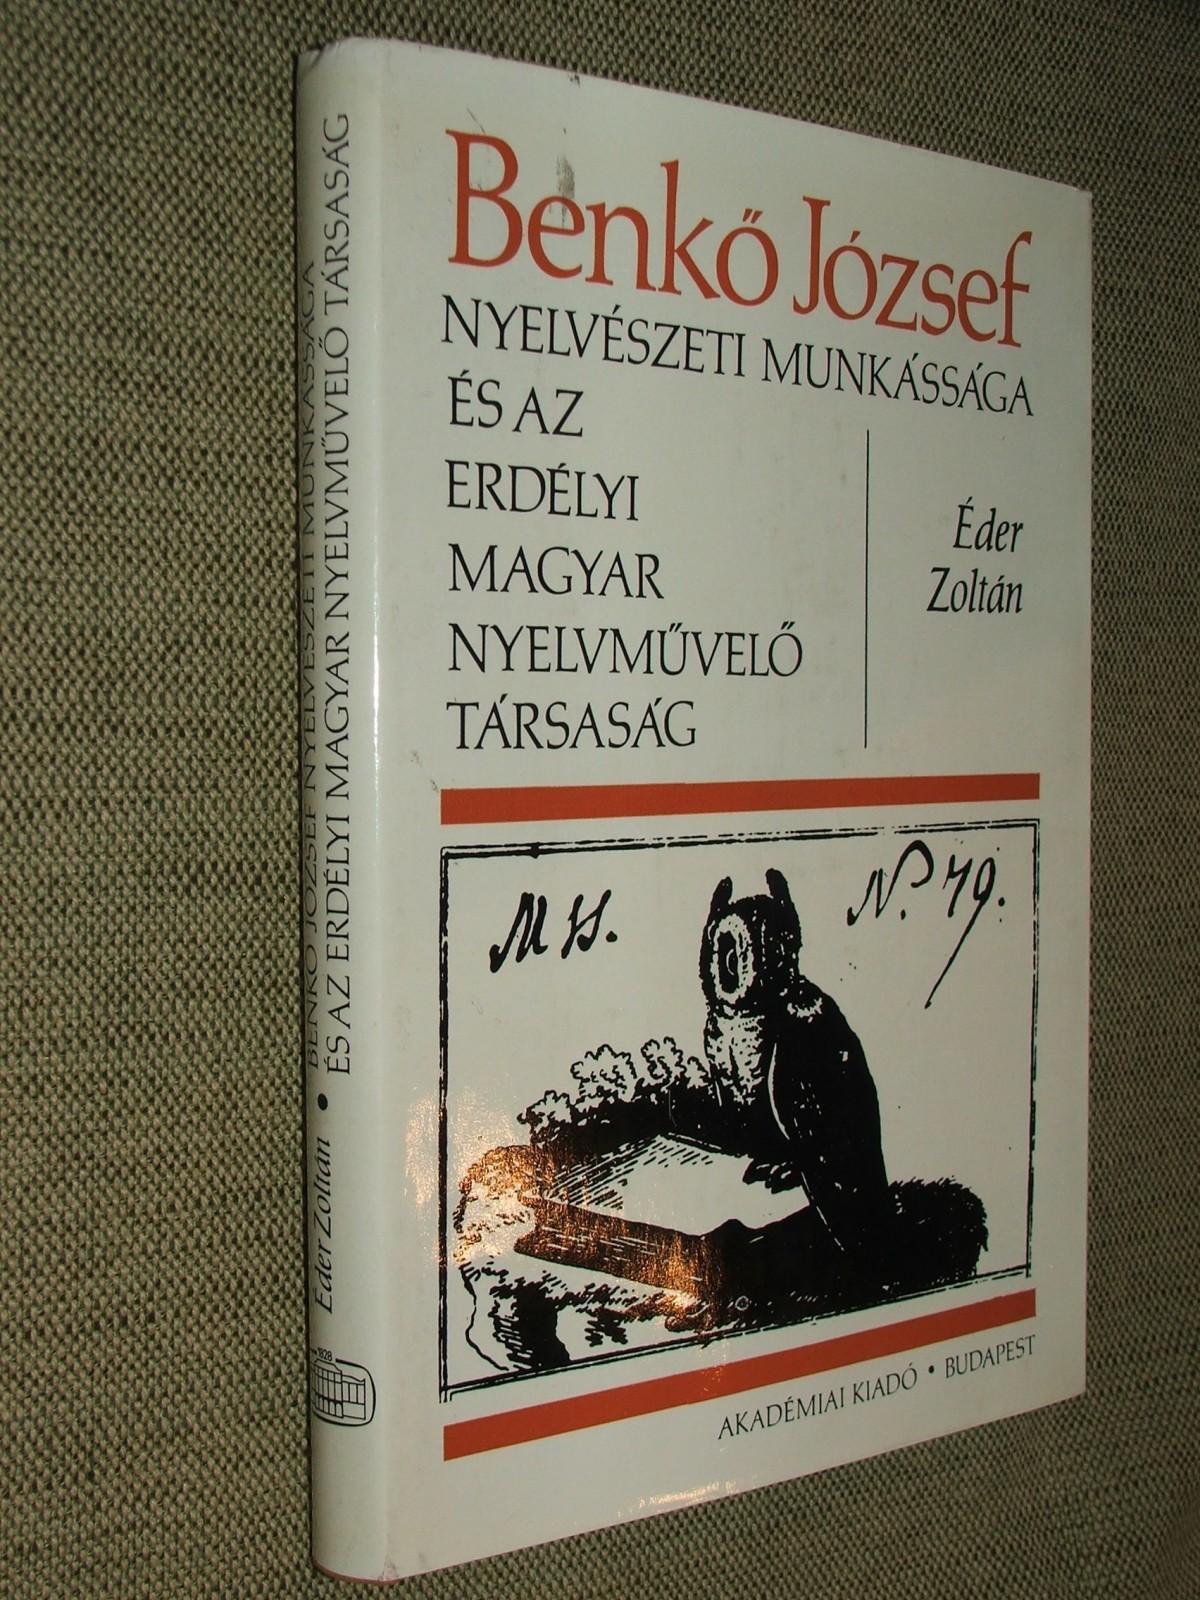 ÉDER Zoltán: Benkő József nyelvészeti munkássága és az Erdélyi Magyar Nyelvművelő Társaság